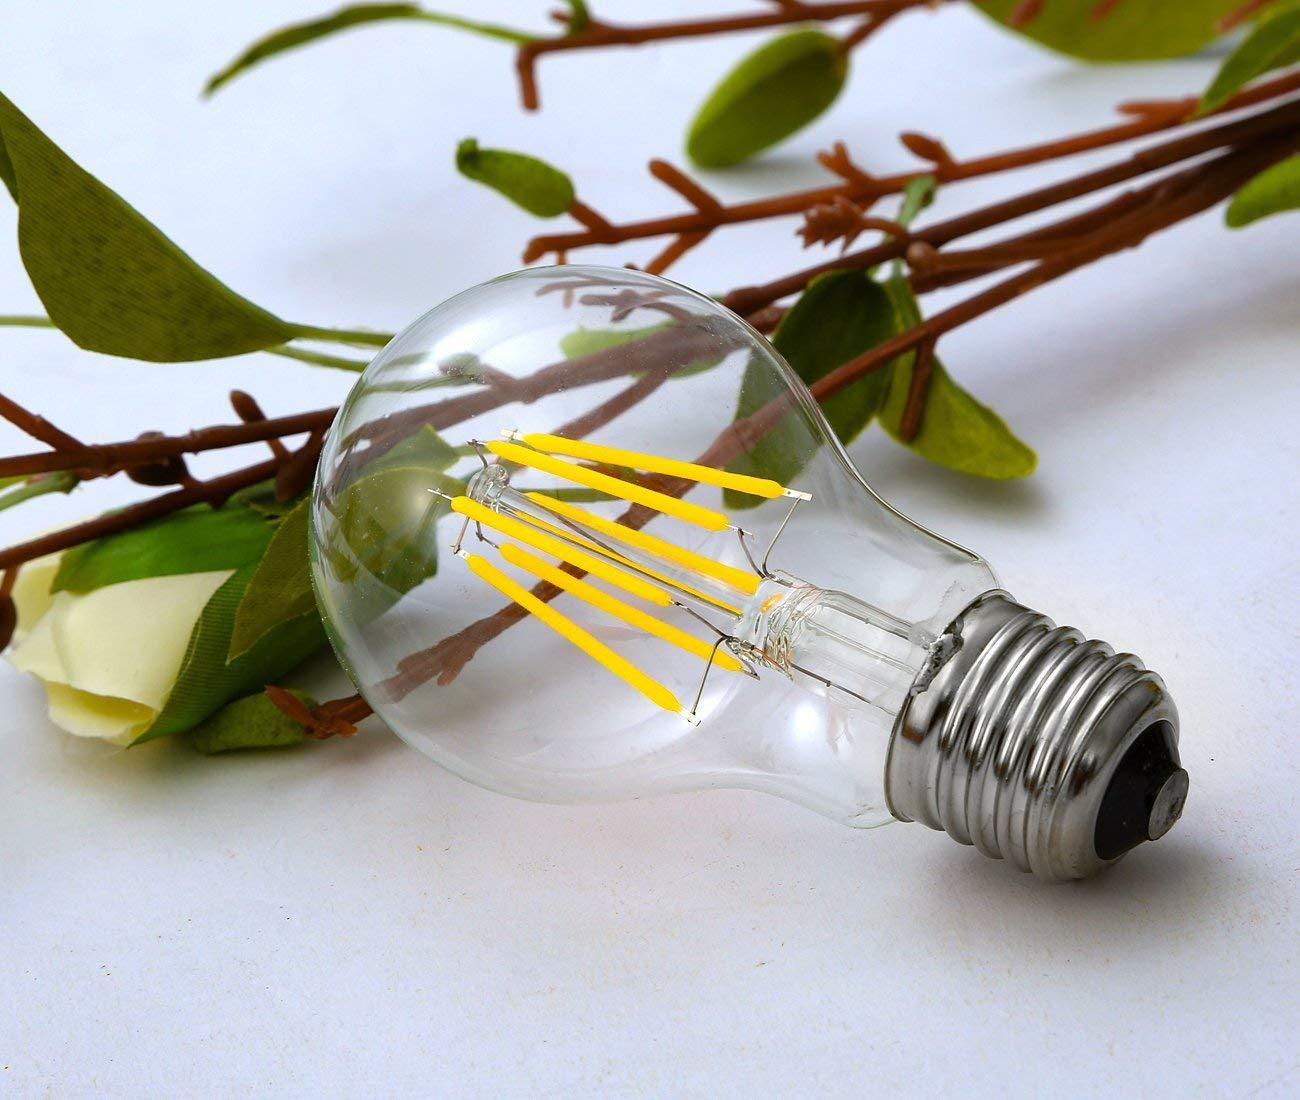 Image 2 - Ganriland 12 v 24 v lâmpada led a19 filamento lâmpada baixa  tensão 6 w edison globo lâmpadas 4500 k luz do dia branco quente 2700 k  e26 e27Lâmpadas LED e tubos